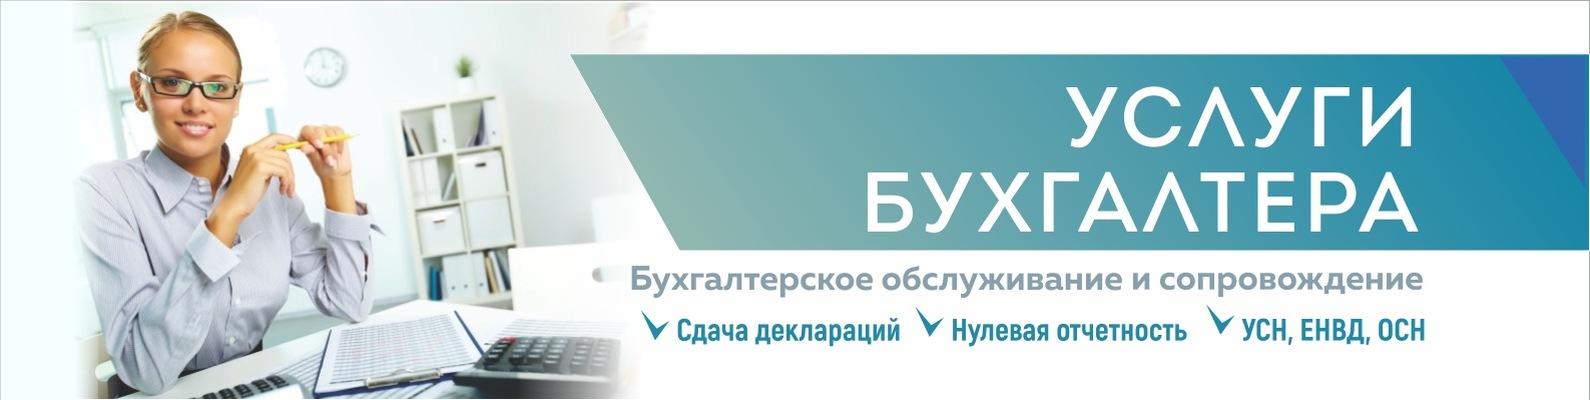 Услуги бухгалтера нефтекамск договор на услуги по восстановлению бухгалтерского учета